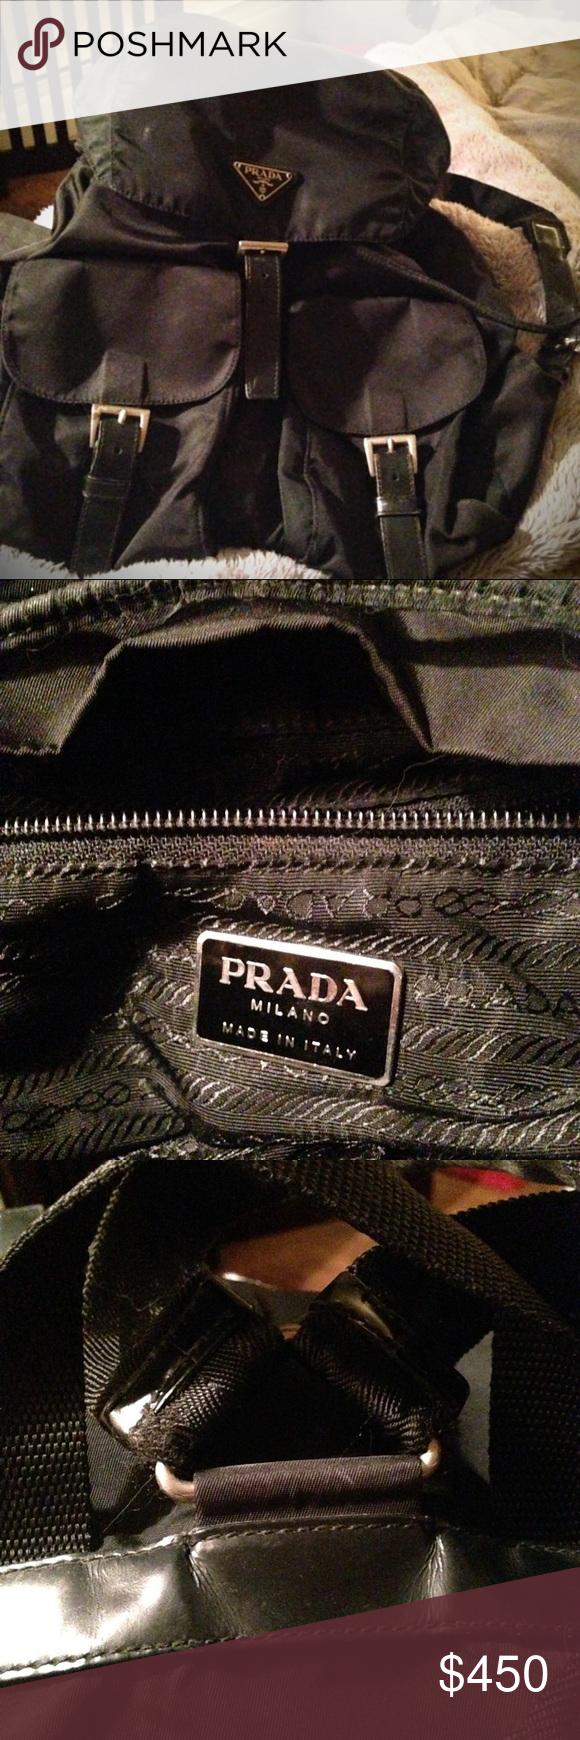 573f3a6898af VINTAGE PRADA- Black Vela Backpack PRADA VELA NYLON BACKPACK Black Vela  nylon Prada backpack with